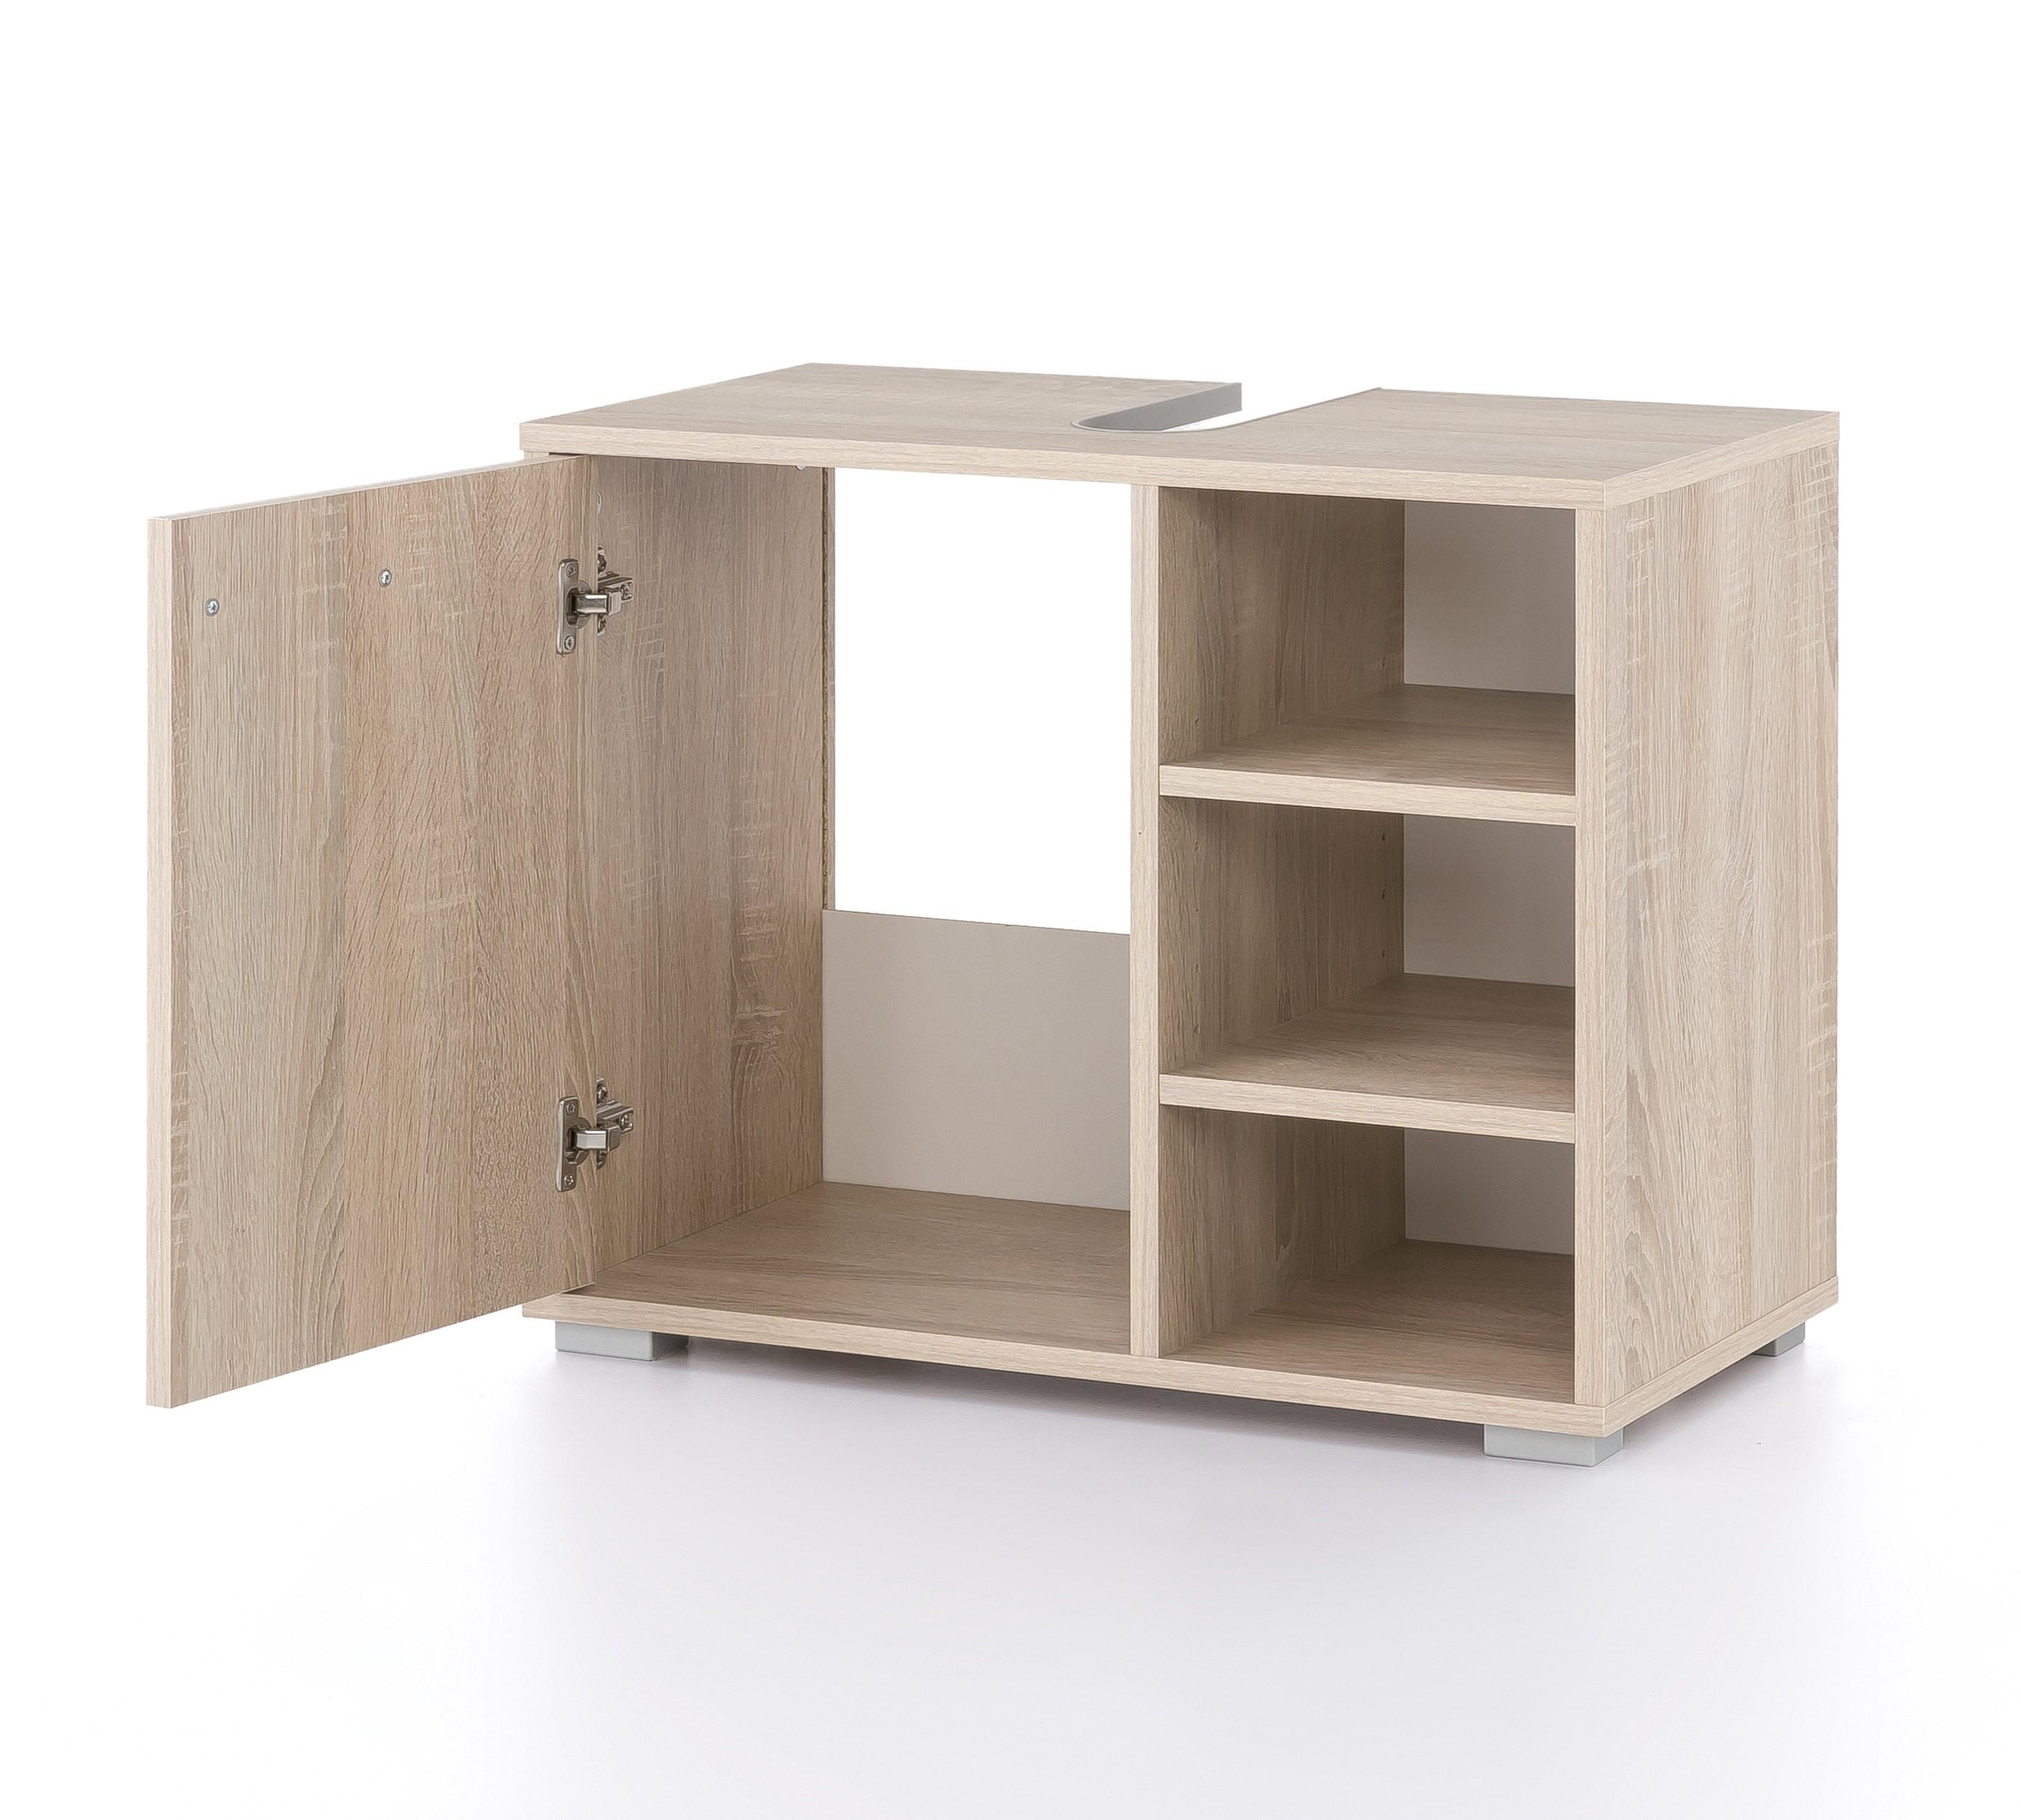 bad waschbeckenunterschrank lindau 60 cm breit eiche sonoma bad waschbeckenunterschr nke. Black Bedroom Furniture Sets. Home Design Ideas